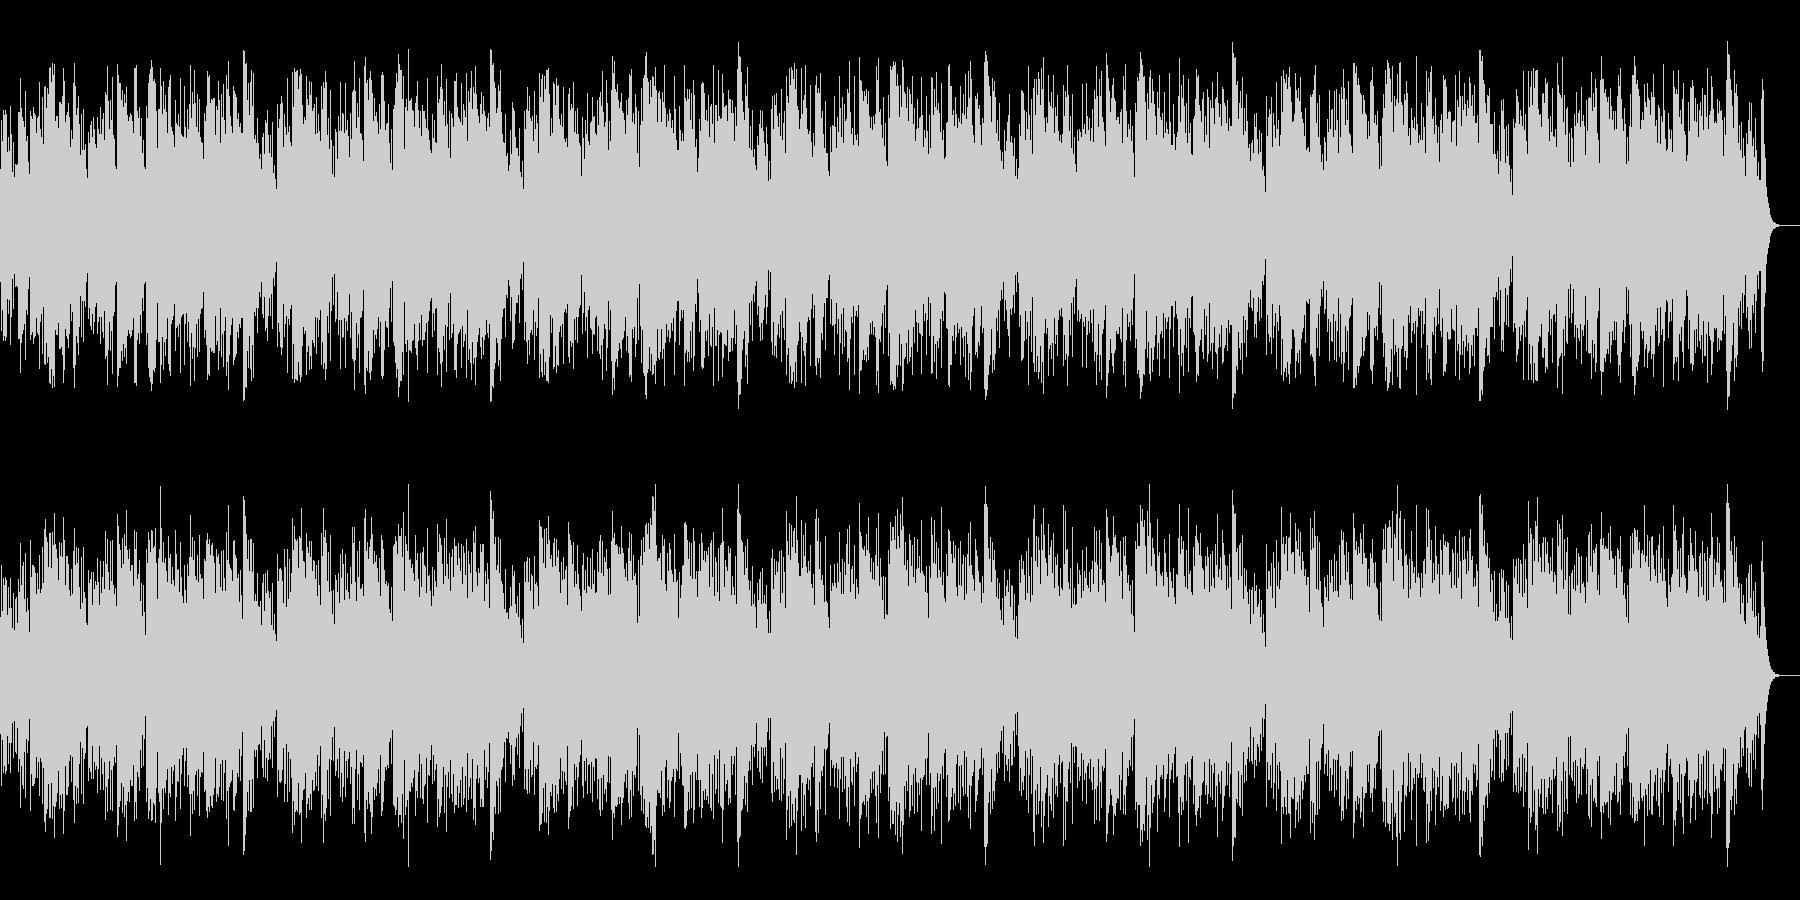 アコギとハーモニカによる「ふるさと」の未再生の波形